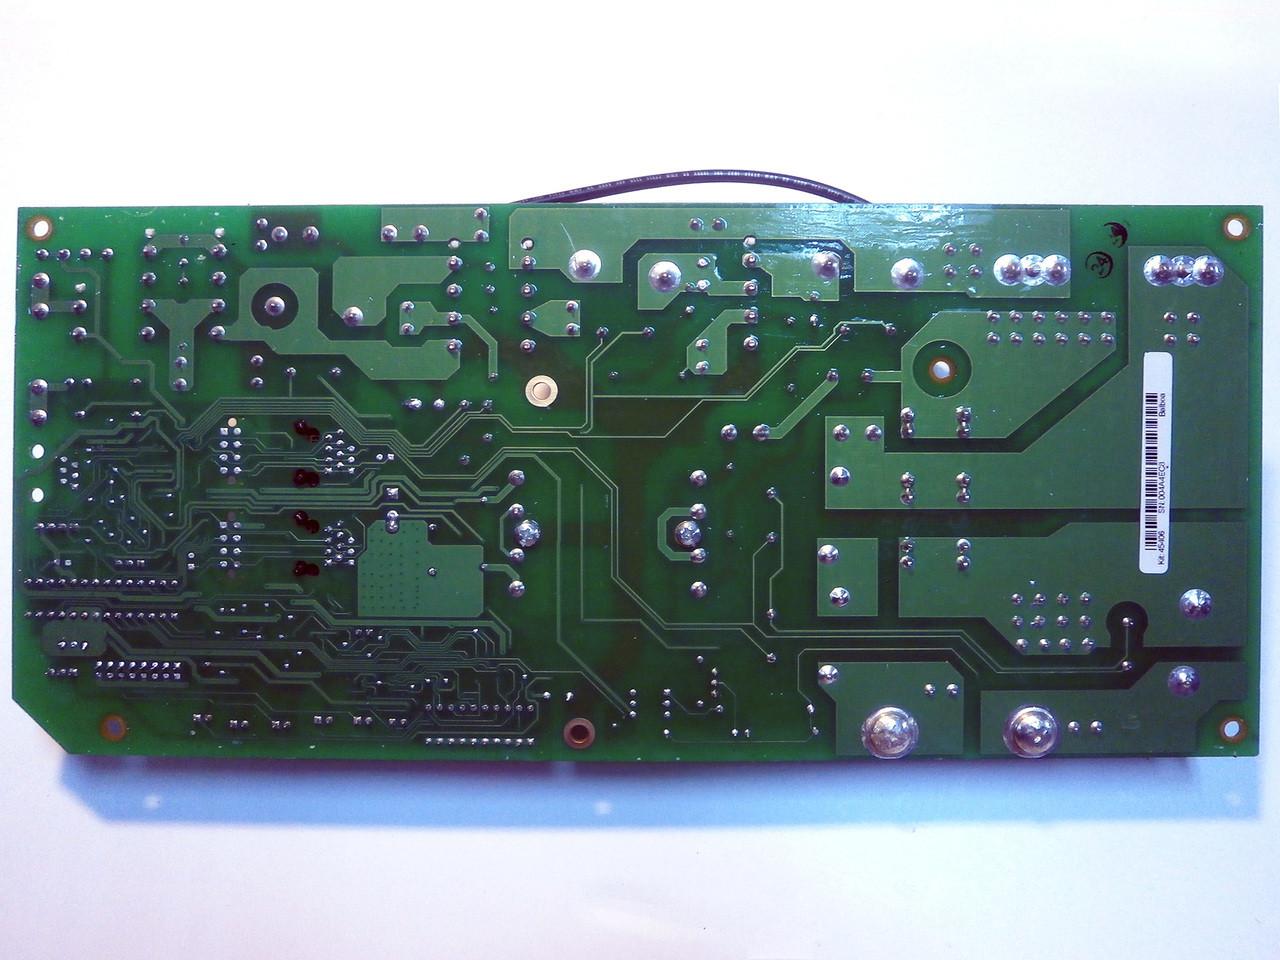 X801096 - Rear View